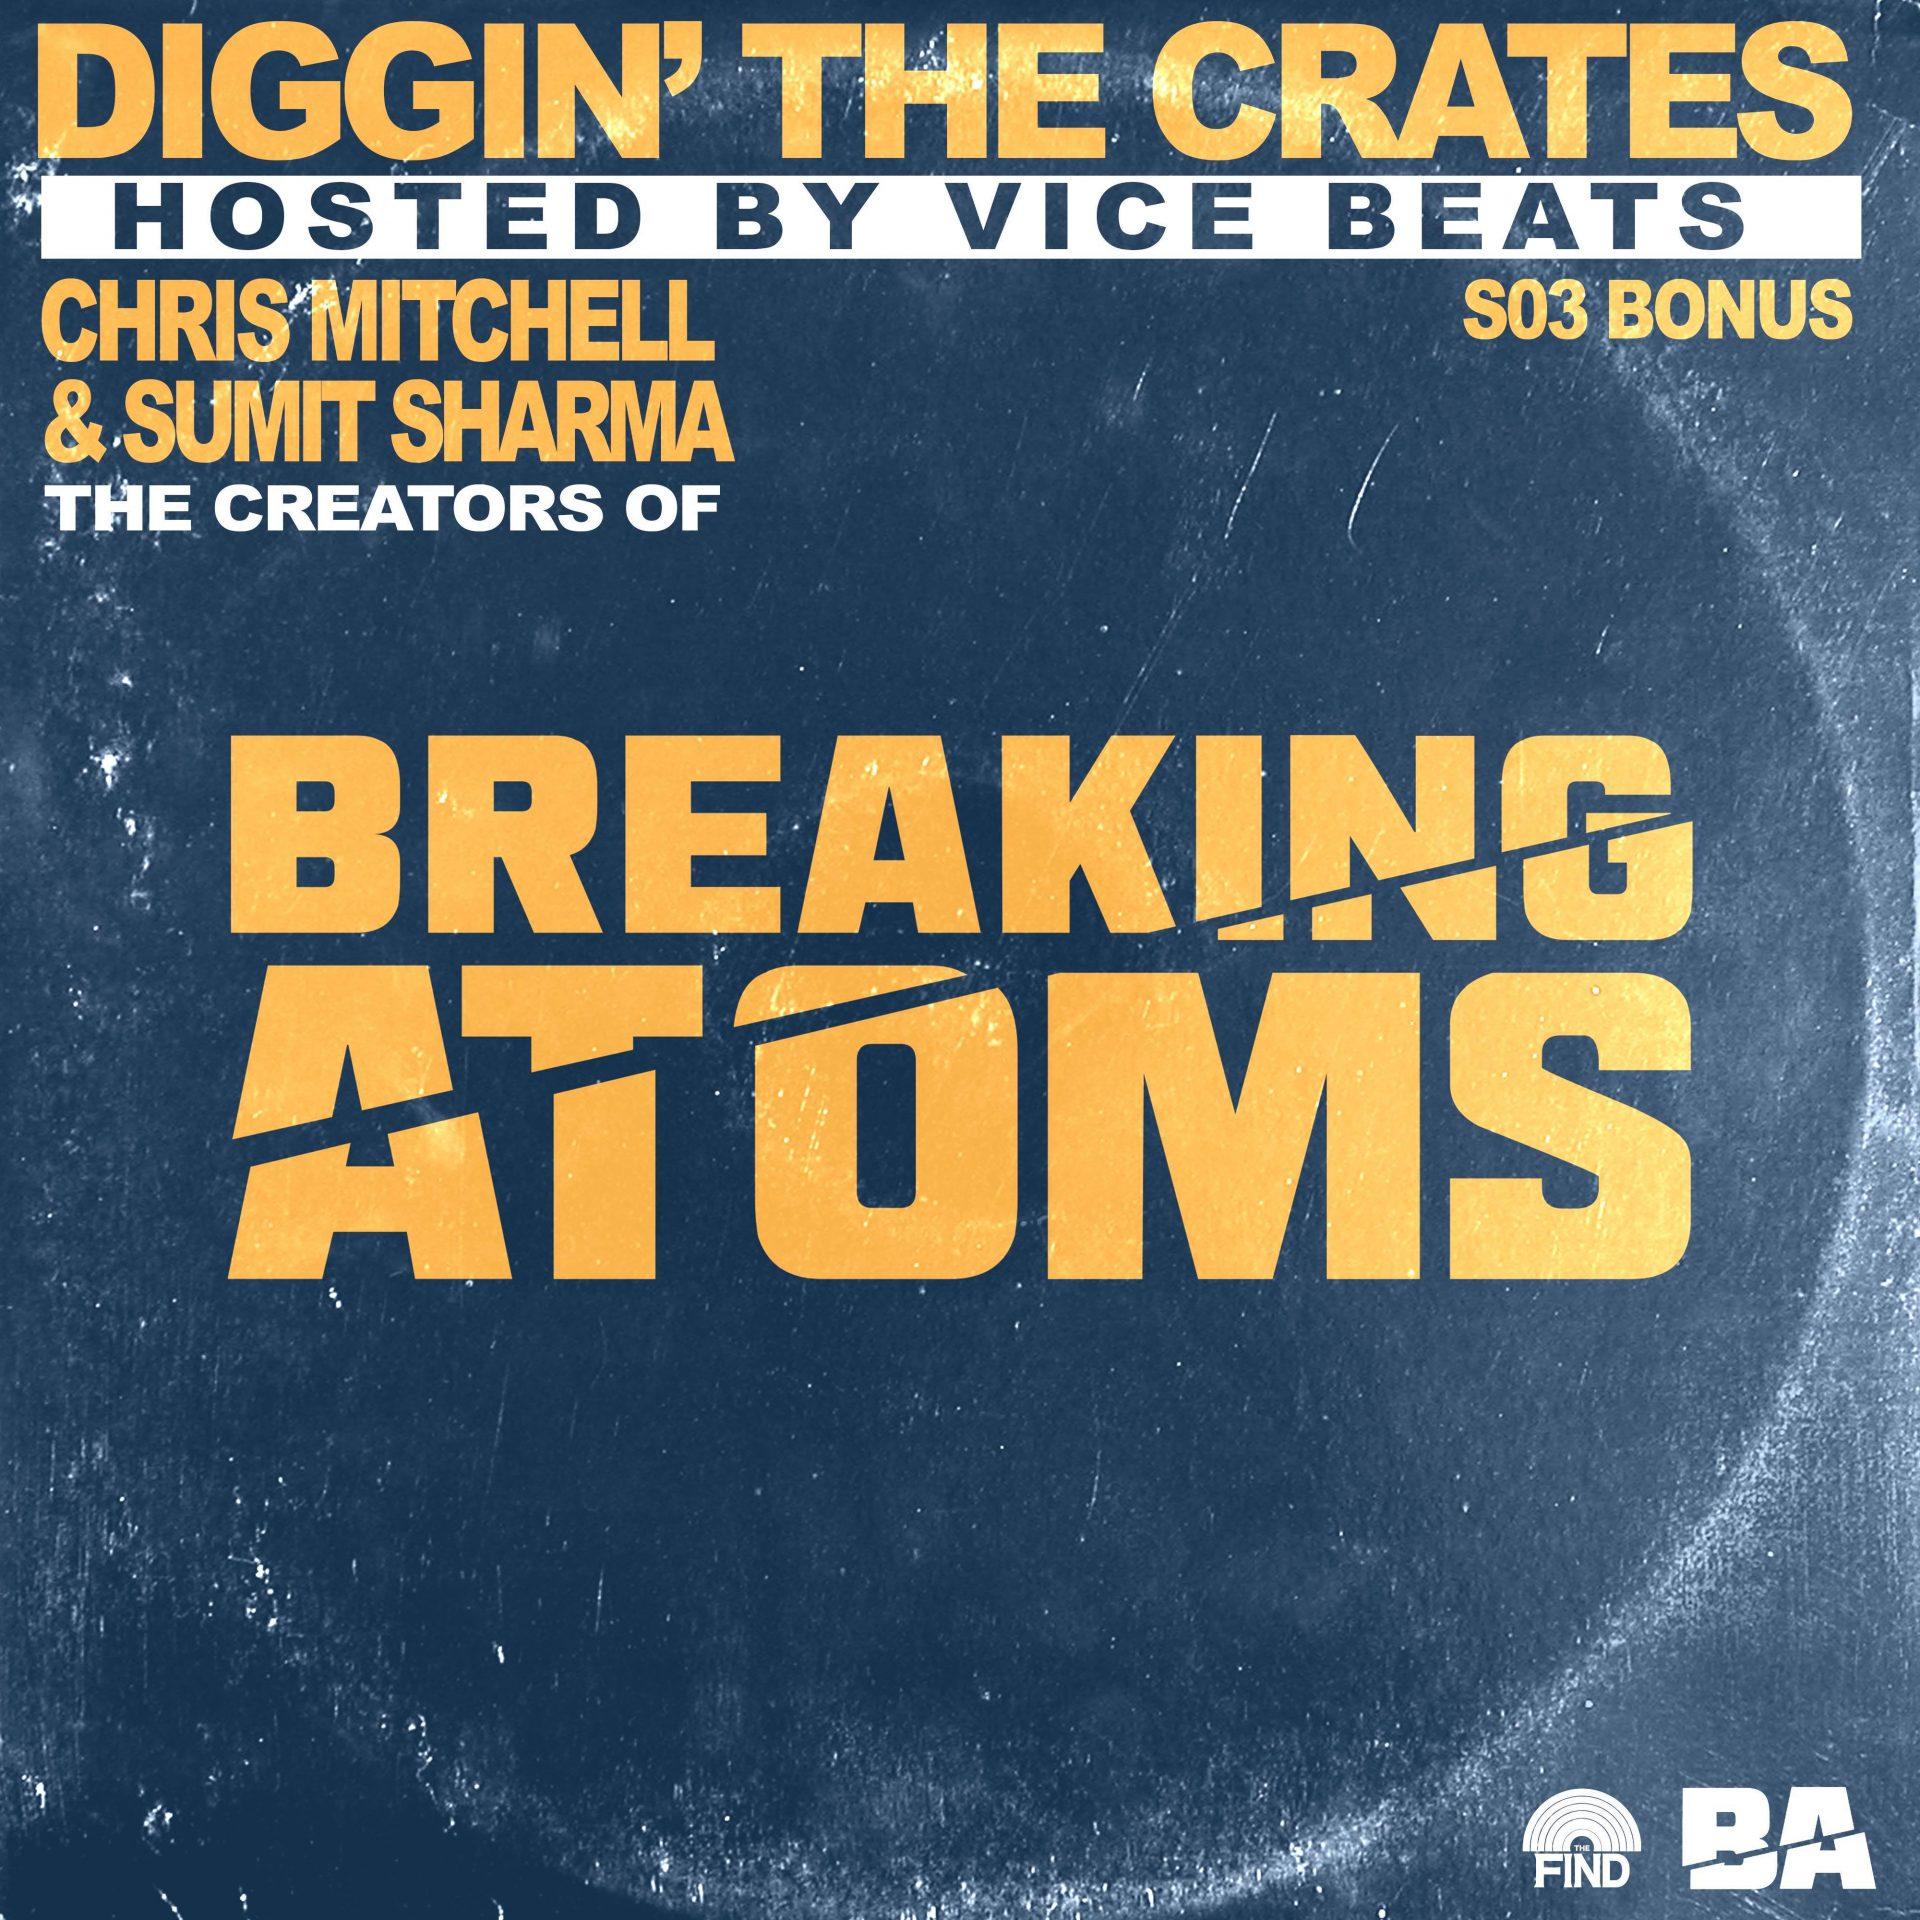 Breaking Atoms (Diggin' The Crates S3 Bonus Episode)